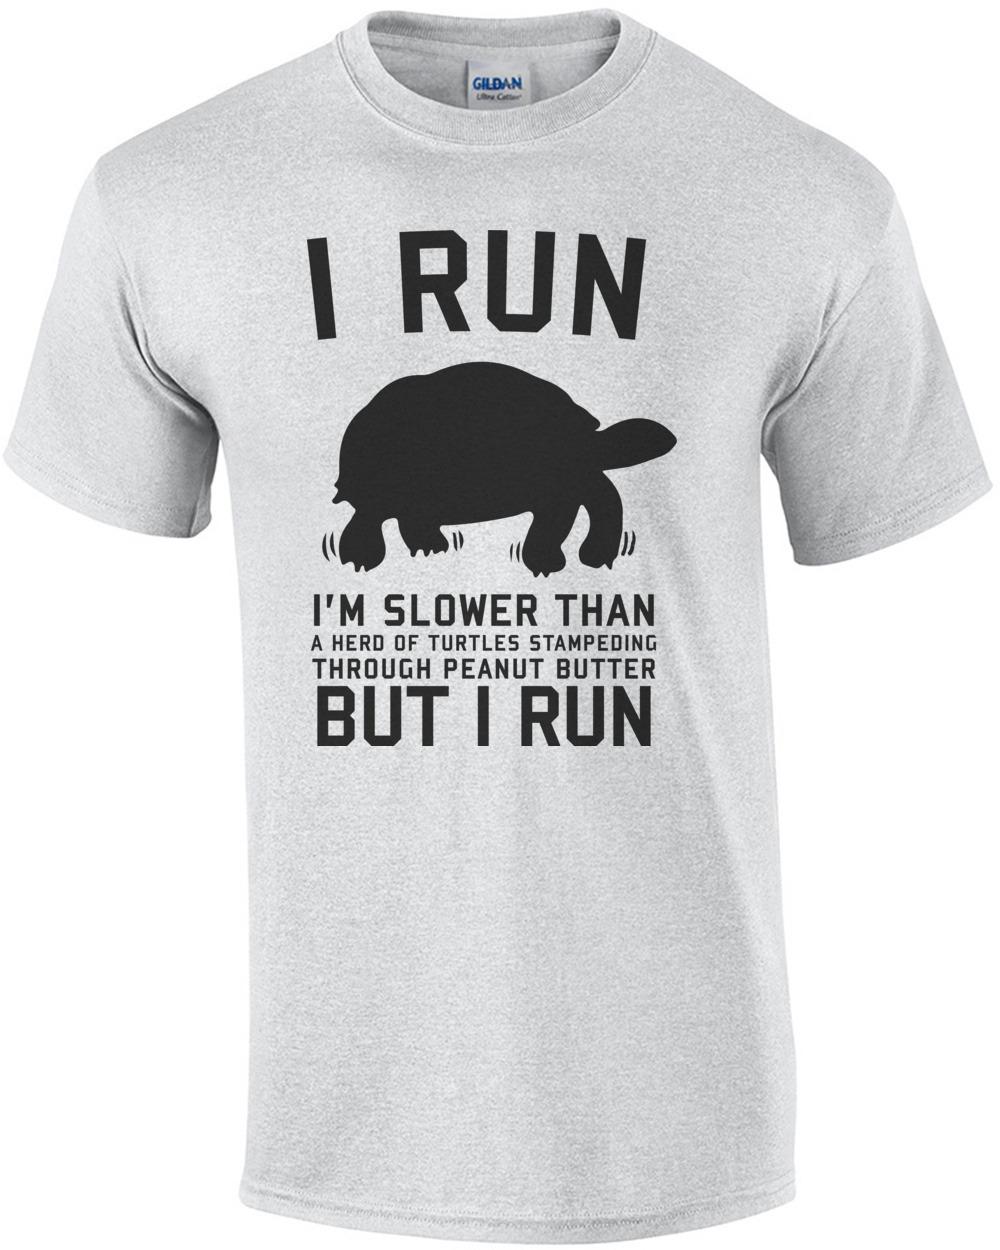 08fde204a i-run-slower-than-a-herd-of-turtles-stampeding-through-peanut-butter-but-i- run-shirt-mens-regular-ash_1.jpg